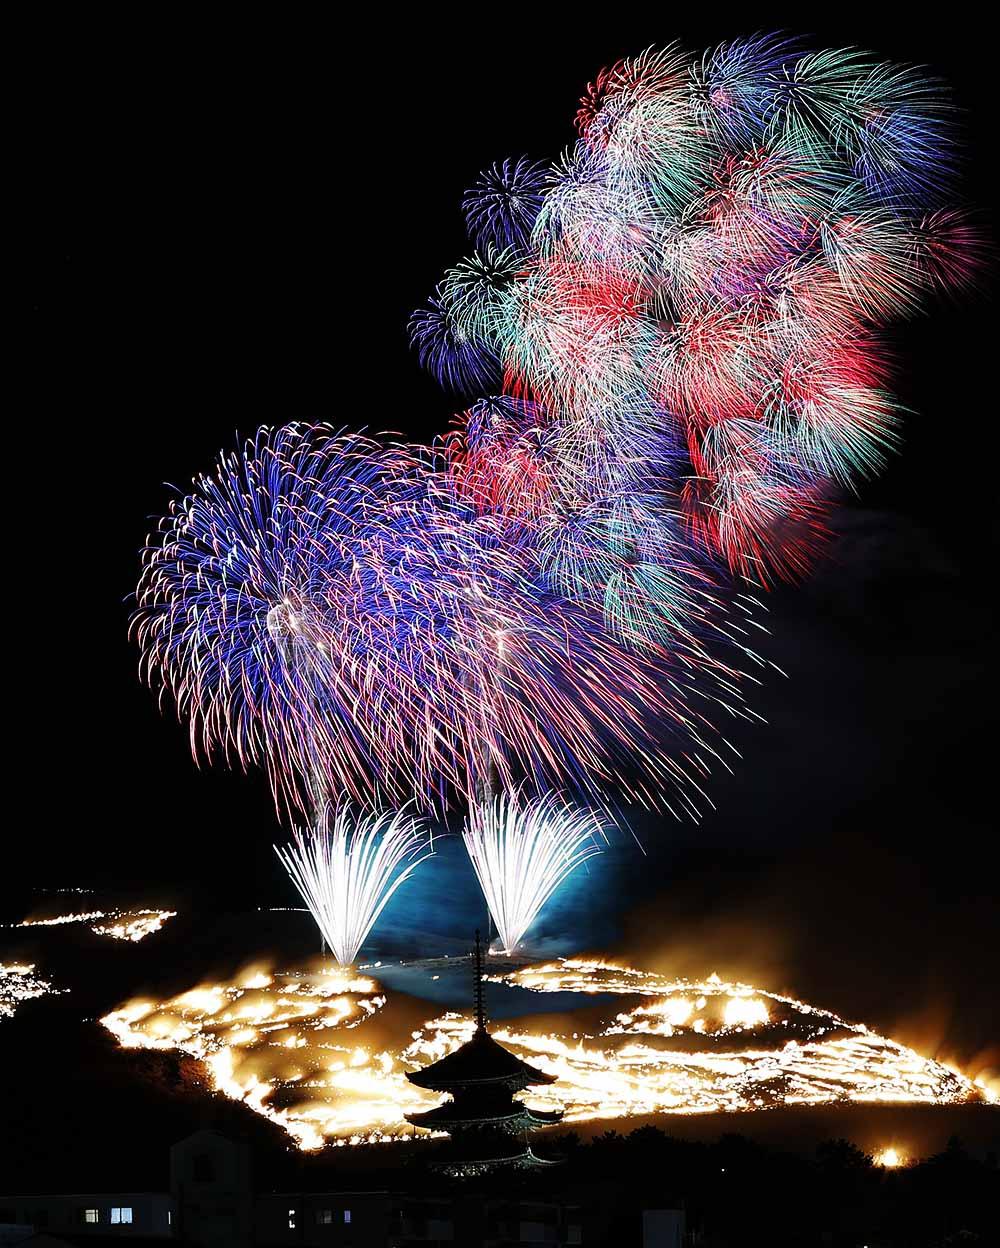 在过去3年间,日本摄影师Makoto Igari游走全国各地,用镜头将烟花爆炸瞬间定格成了永恒之美。